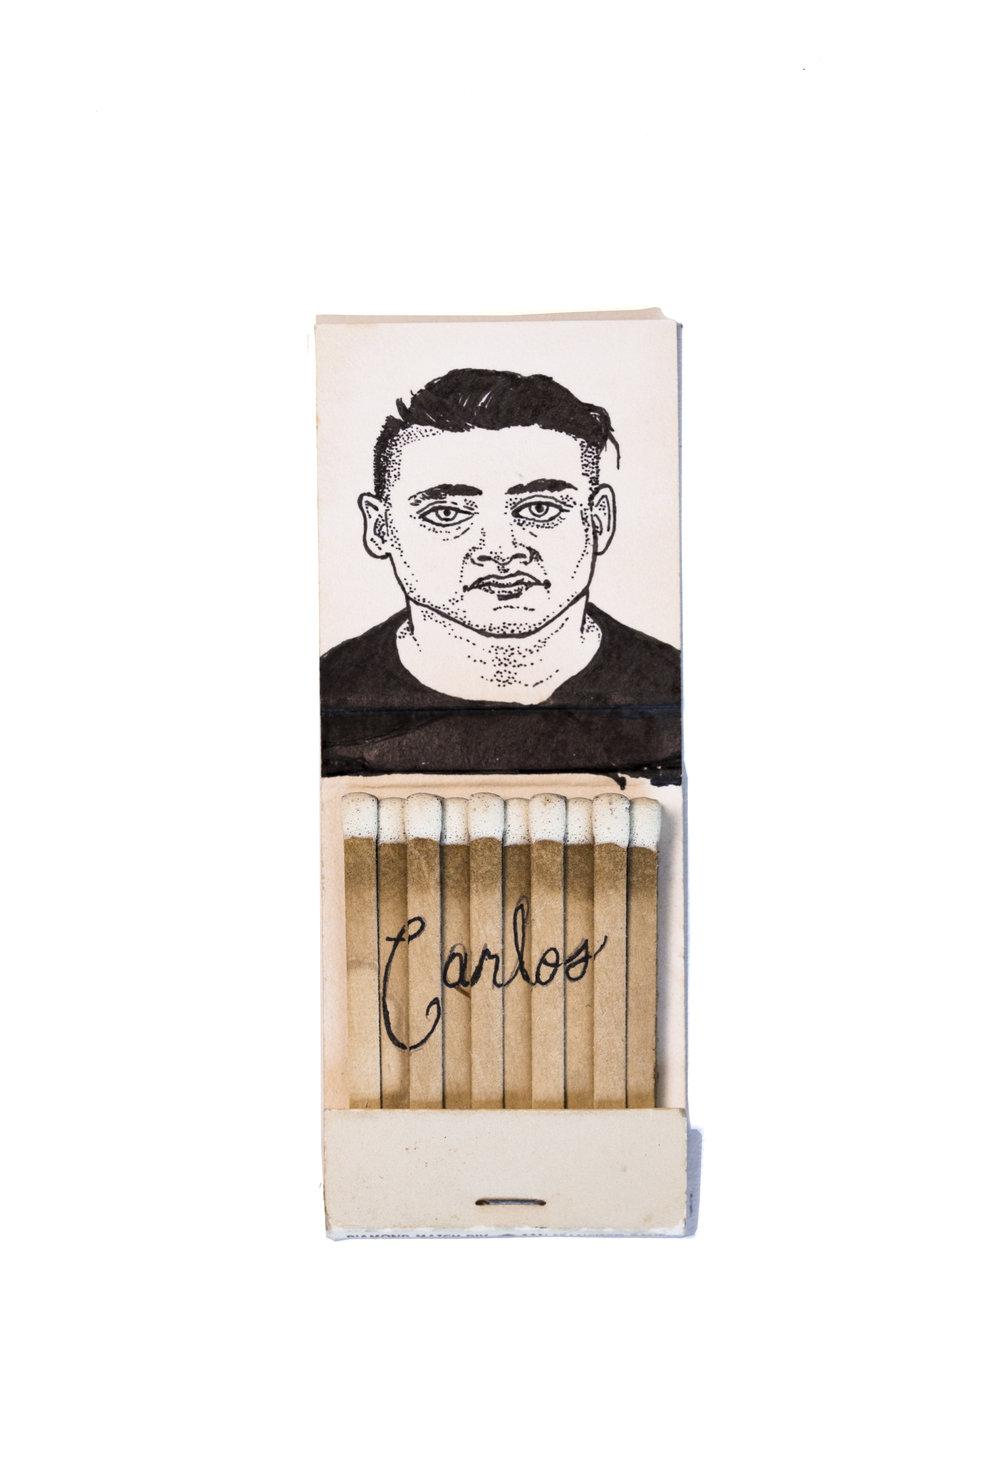 38. Carlos